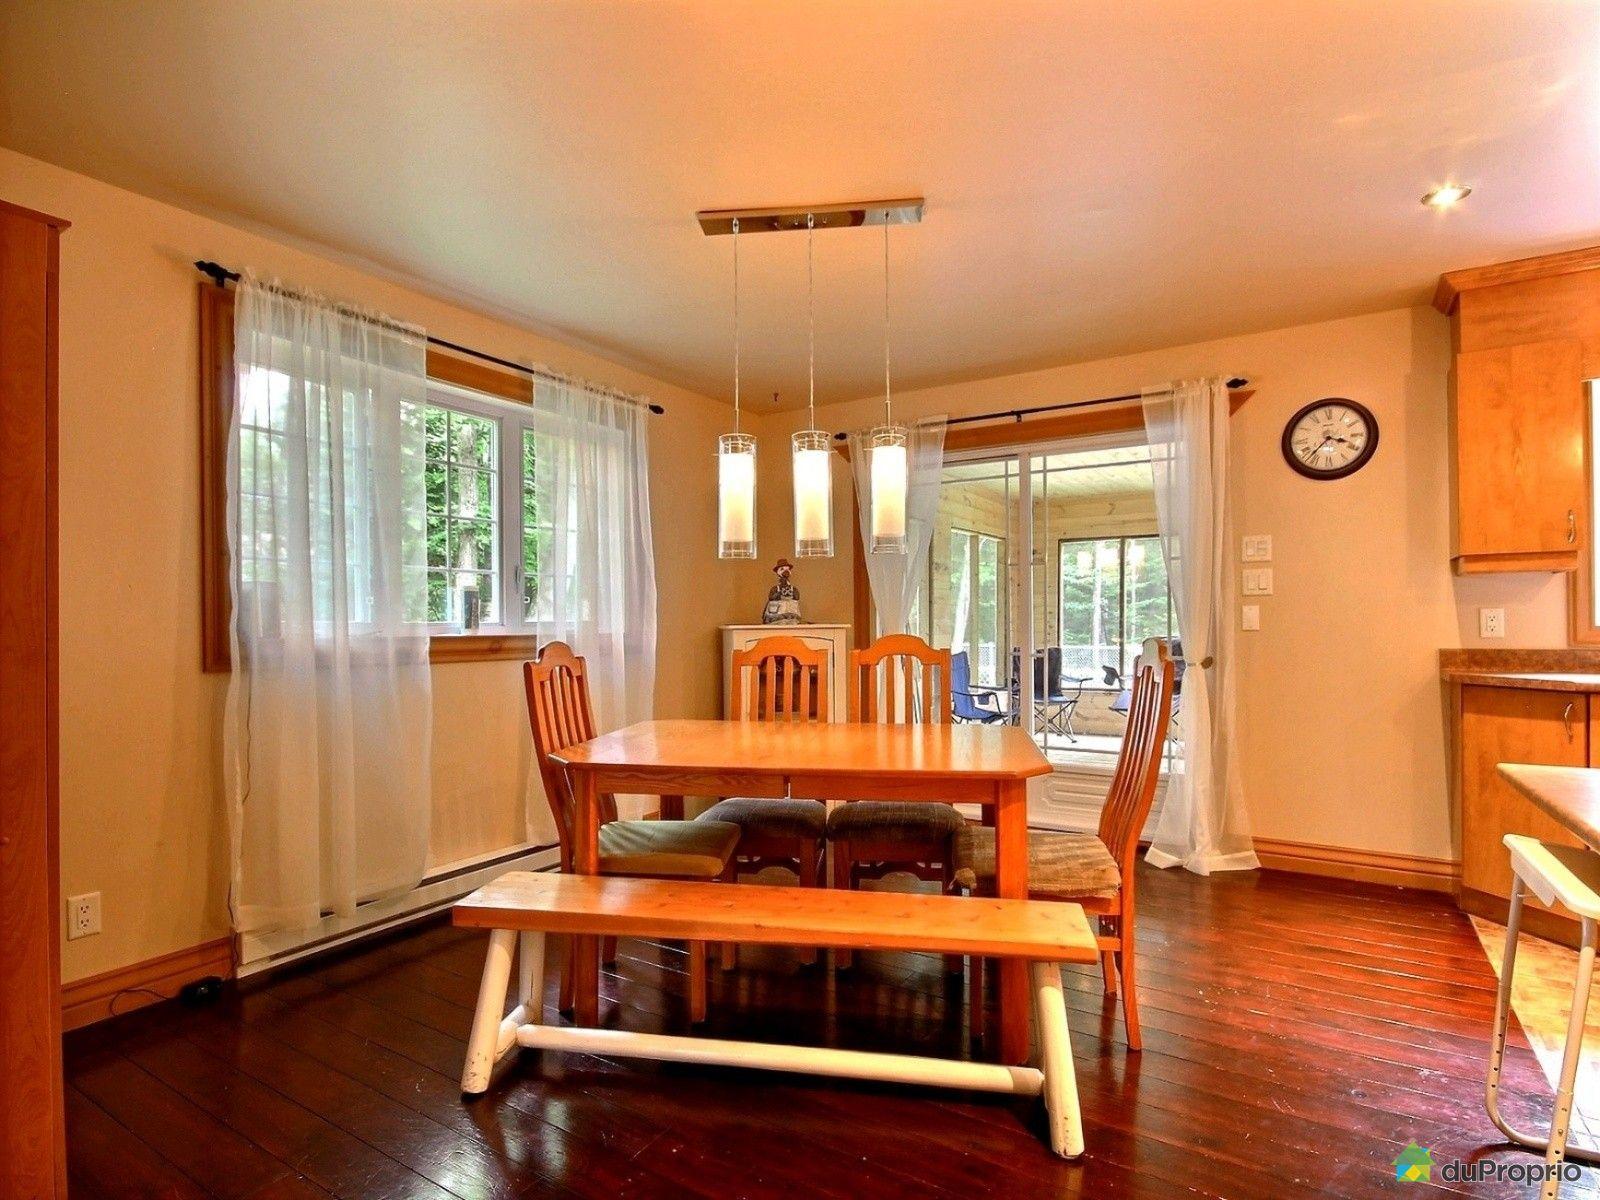 bi g n ration vendu st colomban immobilier qu bec duproprio 396965. Black Bedroom Furniture Sets. Home Design Ideas